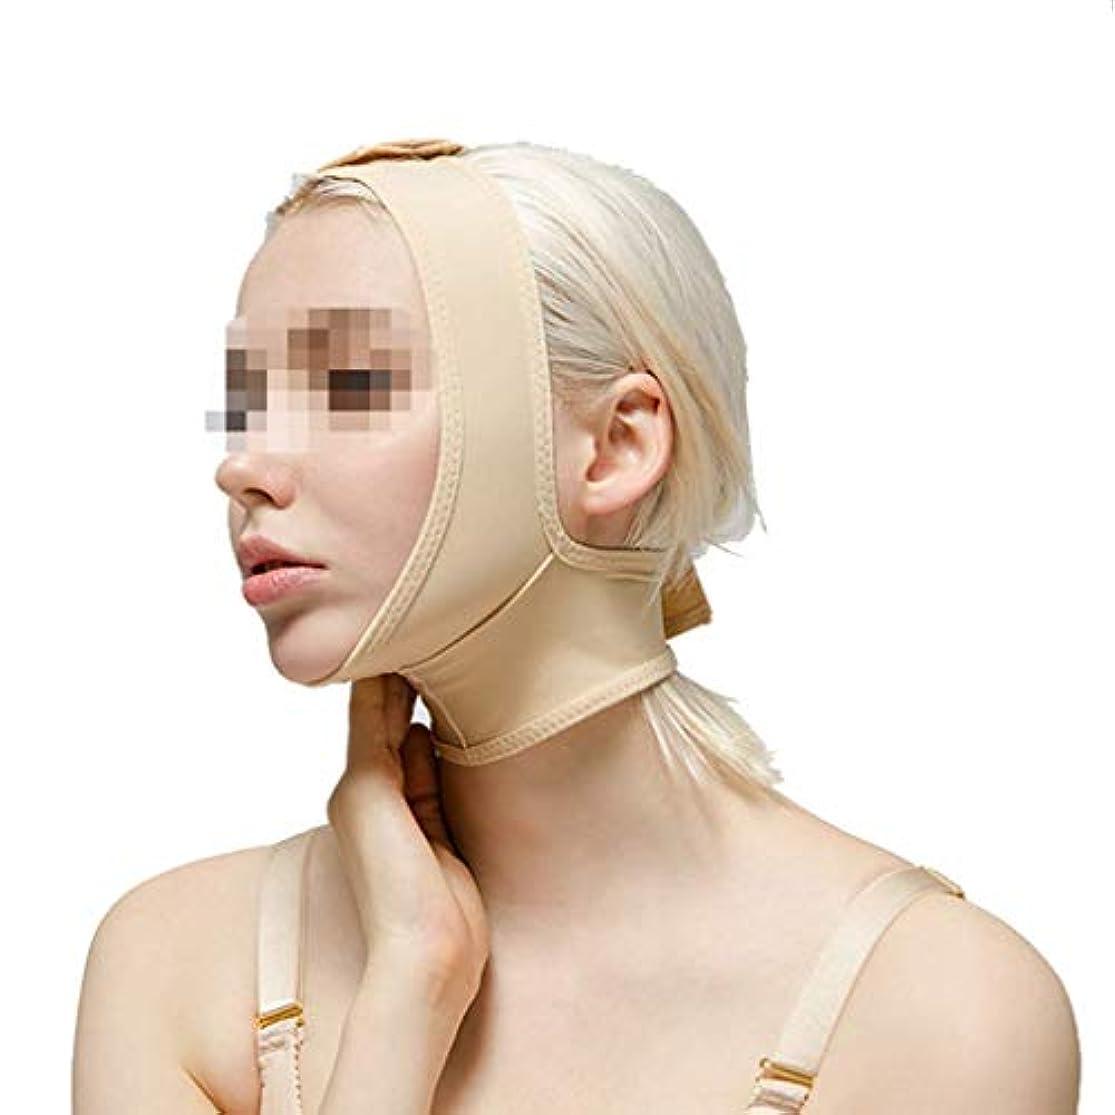 嵐の領域高度術後伸縮性スリーブ、下顎束フェイスバンデージフェイシャルビームダブルチンシンフェイスマスクマルチサイズオプション(サイズ:L),XS